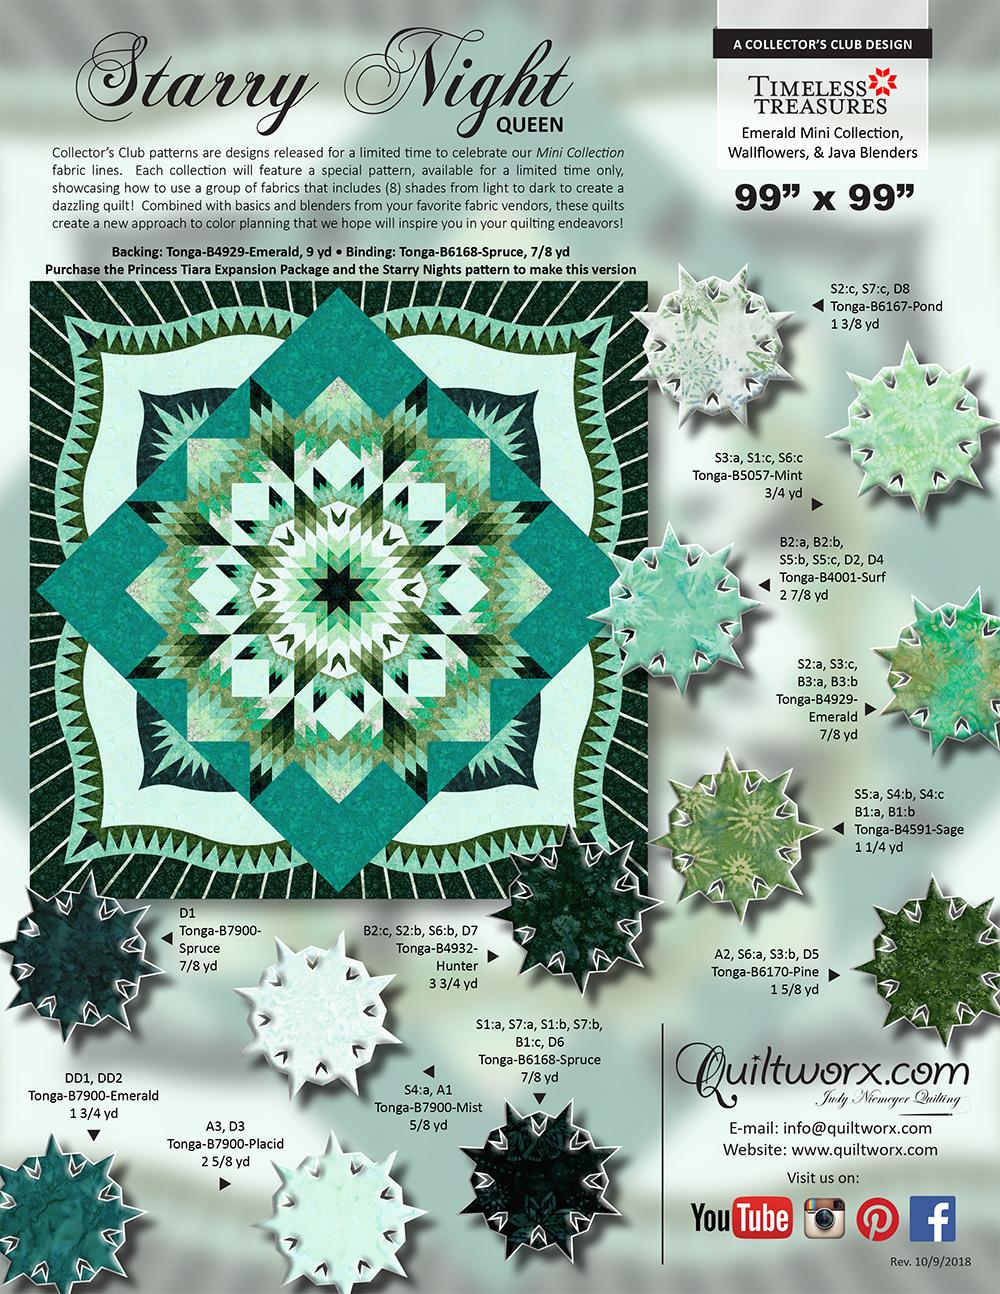 Starry Night Queen Emerald Wallflowers 1pg KS_1000